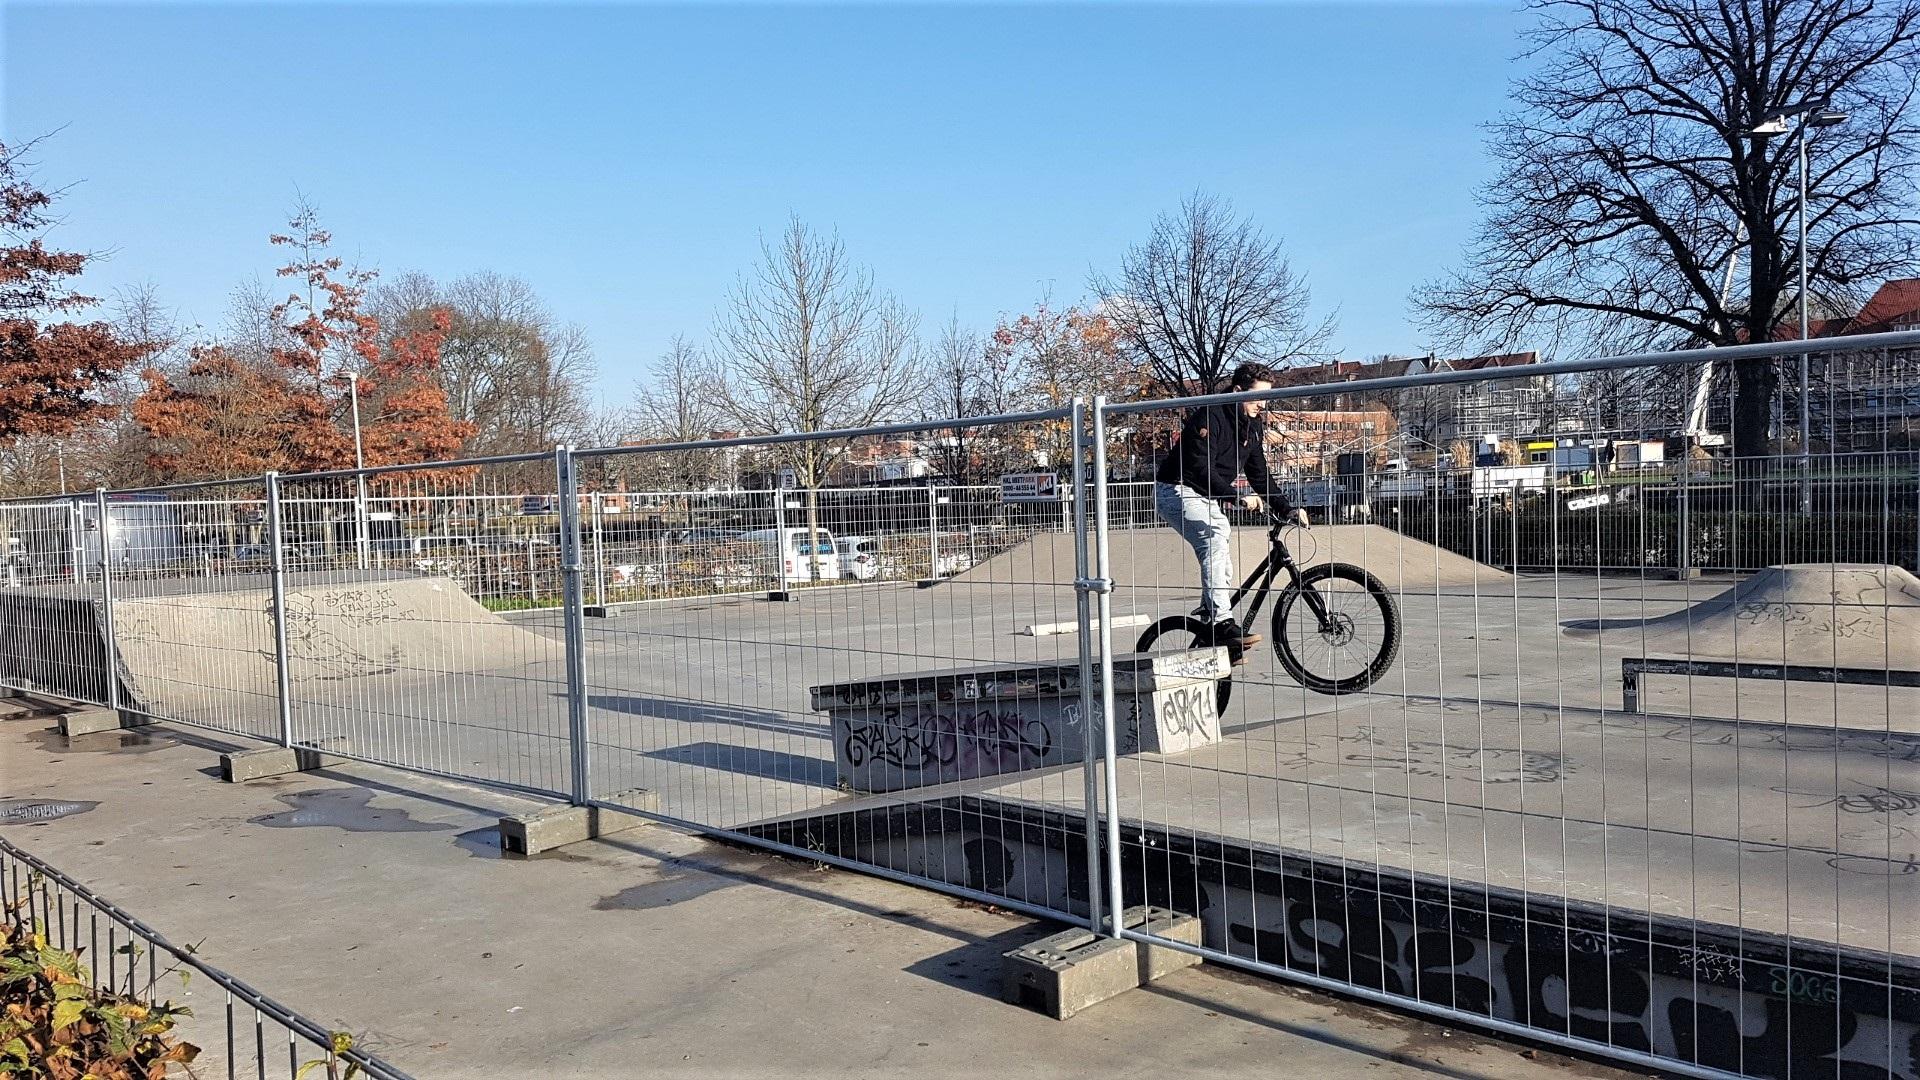 Skaterbahn Lübeck geschlossen